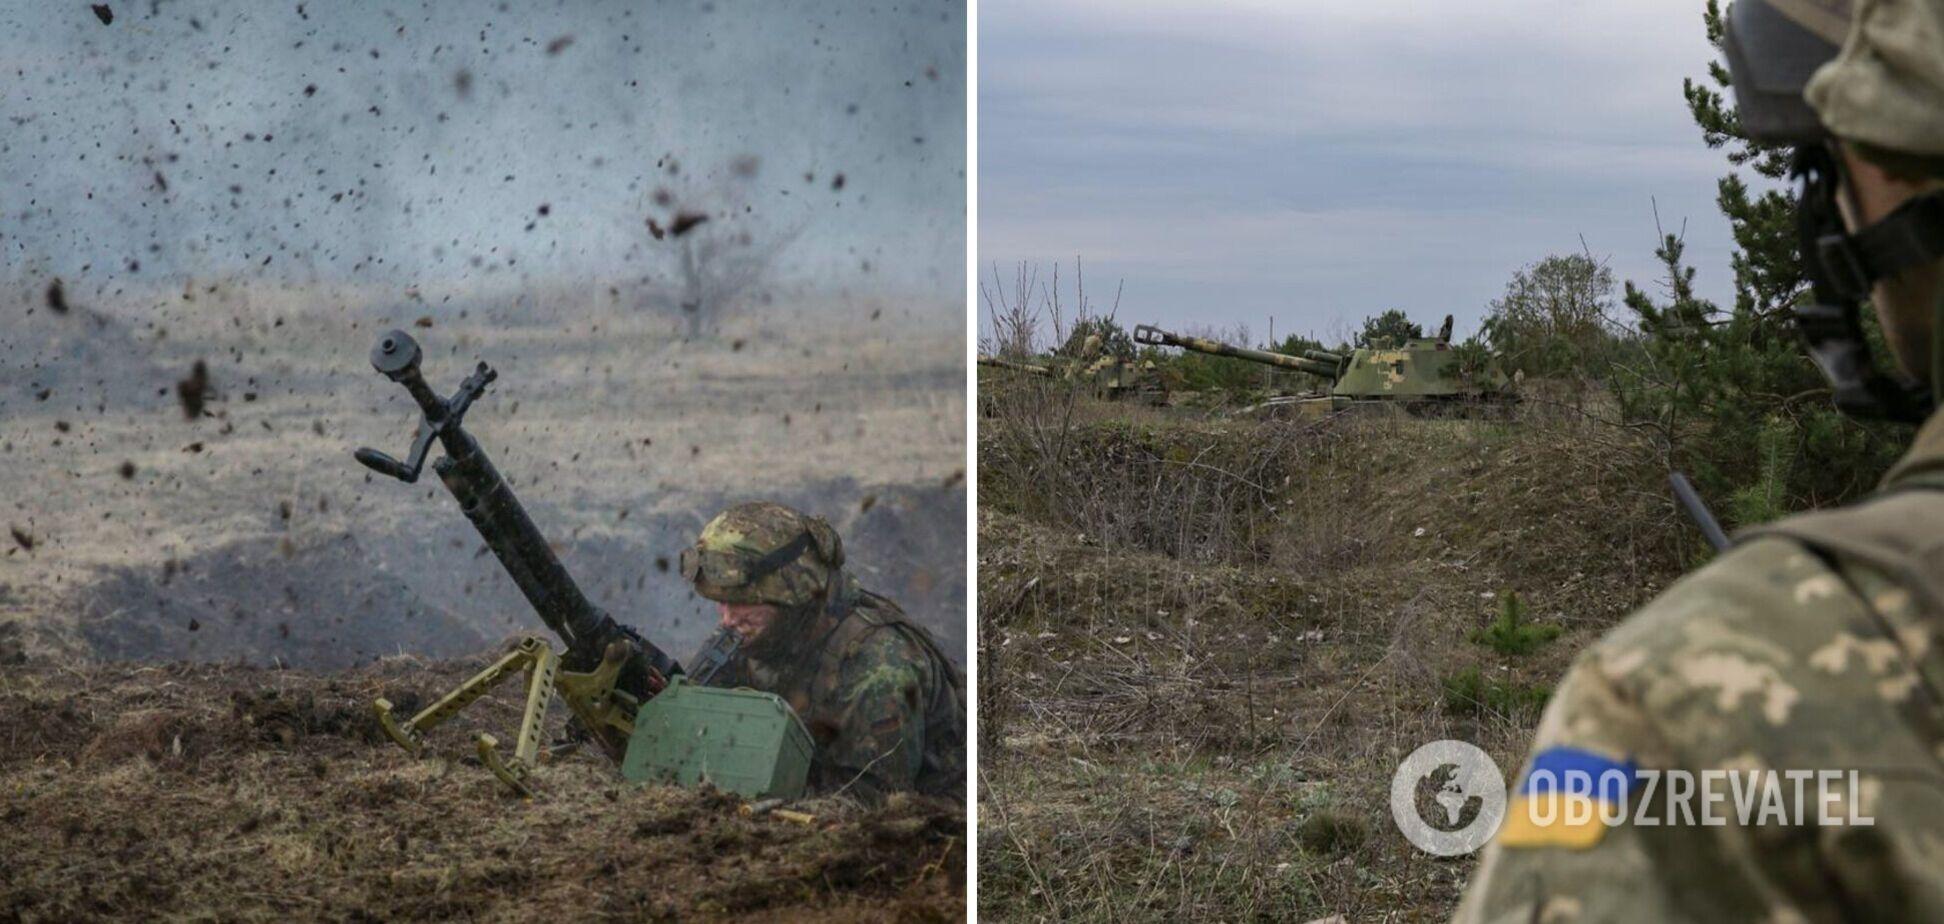 Окупанти обстріляли ЗСУ з гранатометів і стежили за їхніми позиціями з безпілотника